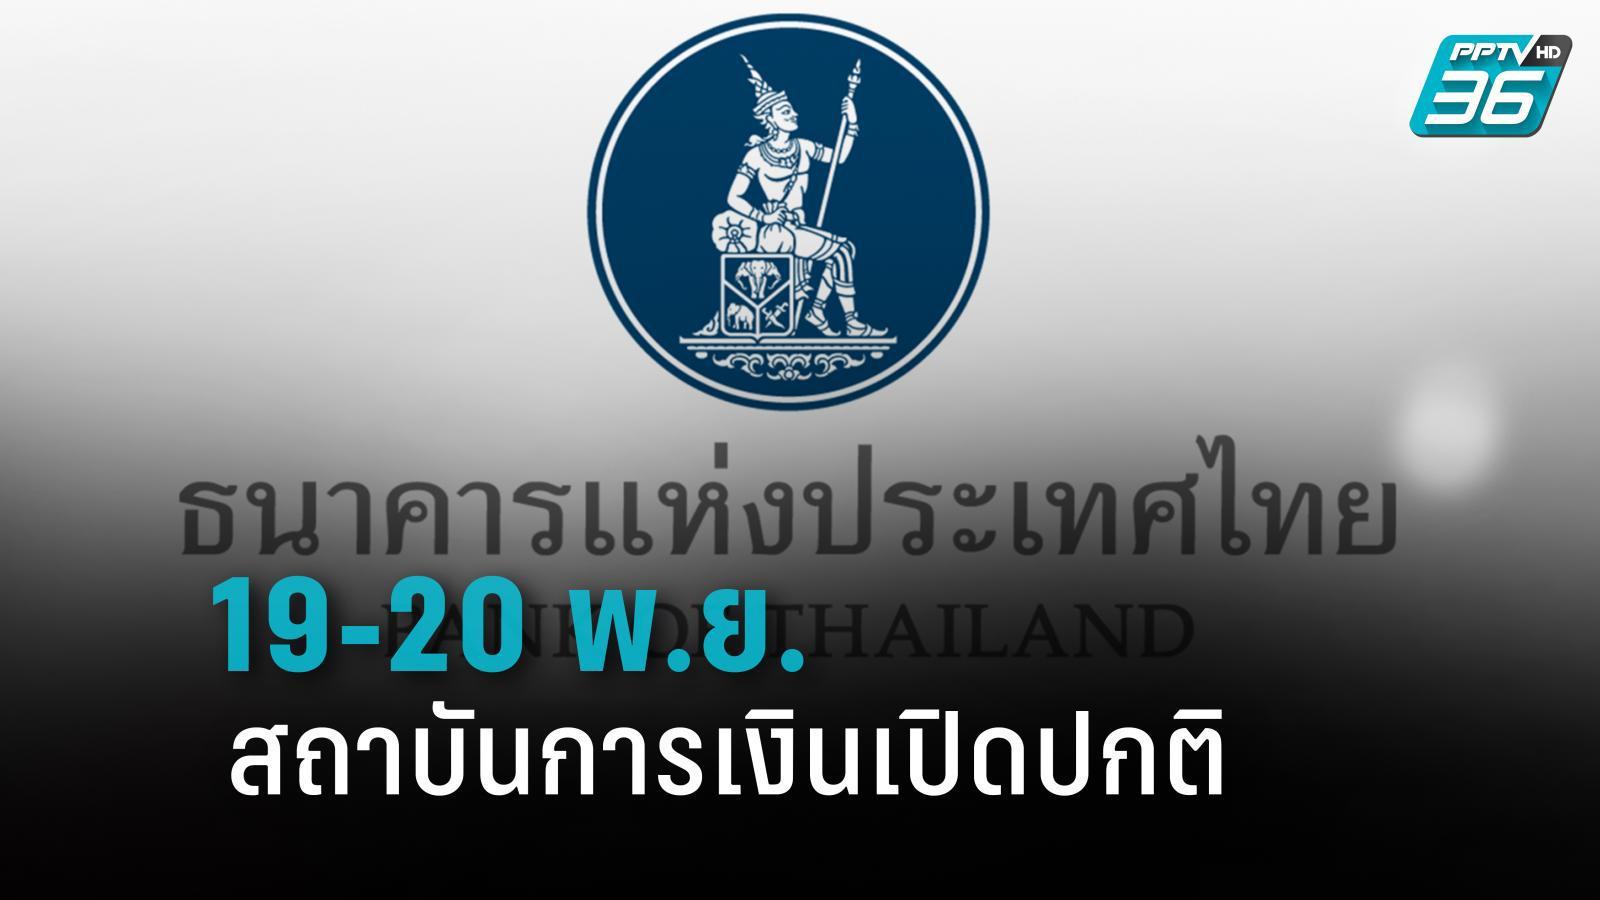 ธนาคารไม่หยุด 19-20 พ.ย. เพิ่ม 11 ธ.ค.วันหยุดกรณีพิเศษ